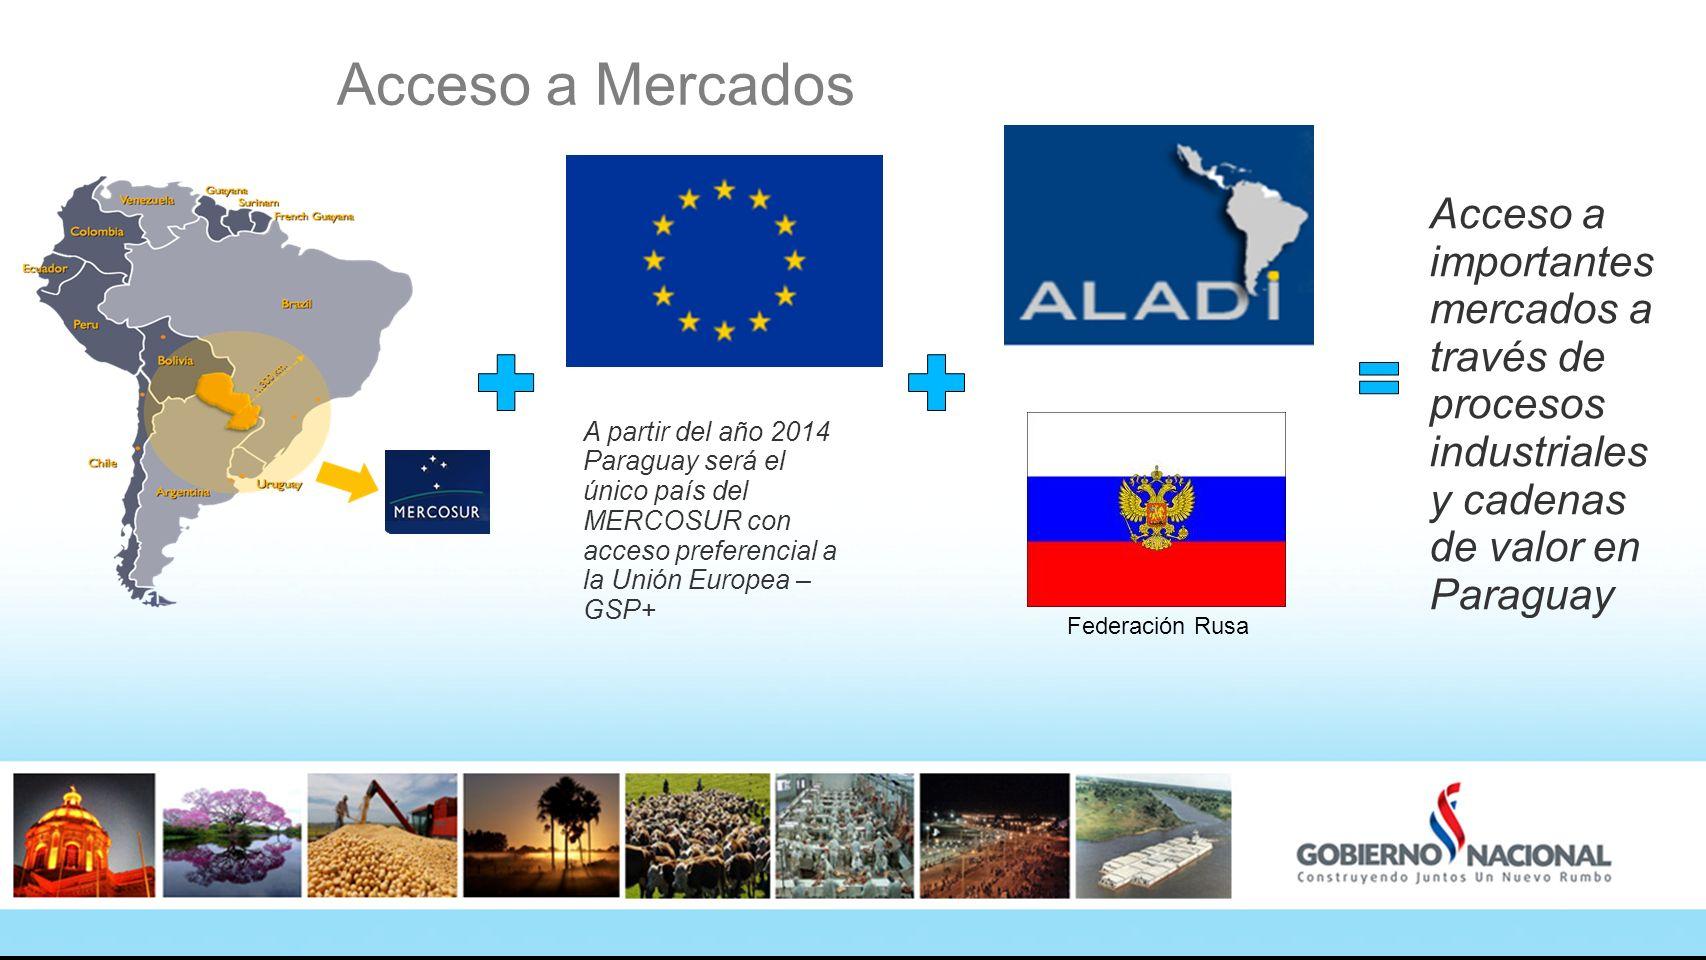 Acceso a Mercados Acceso a importantes mercados a través de procesos industriales y cadenas de valor en Paraguay A partir del año 2014 Paraguay será el único país del MERCOSUR con acceso preferencial a la Unión Europea – GSP+ Federación Rusa